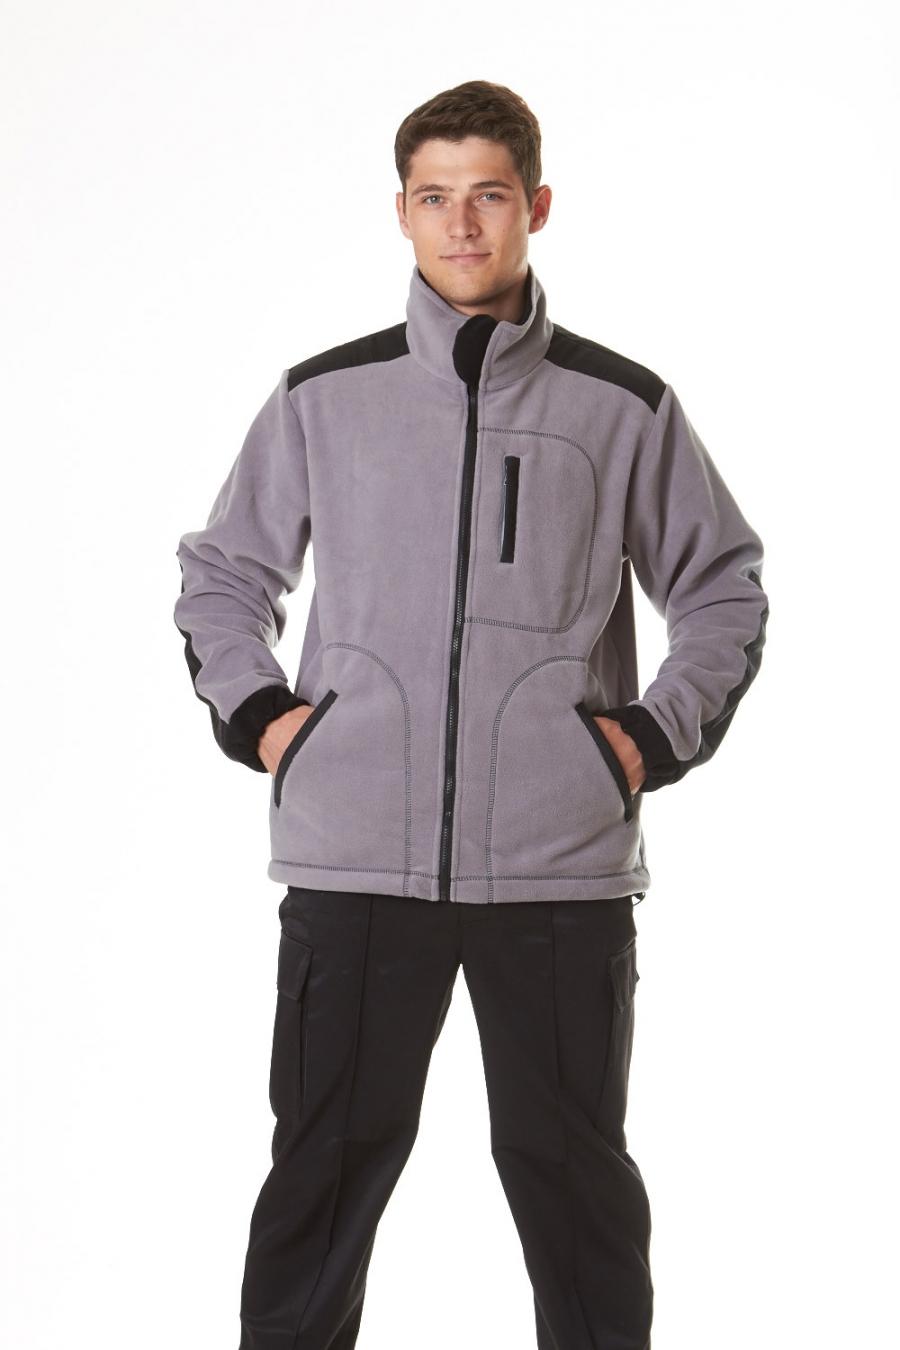 Куртка мужская для охоты и рыбалки ФлисоваяОдежда для охоты и рыбалки<br><br><br>Размер: 62